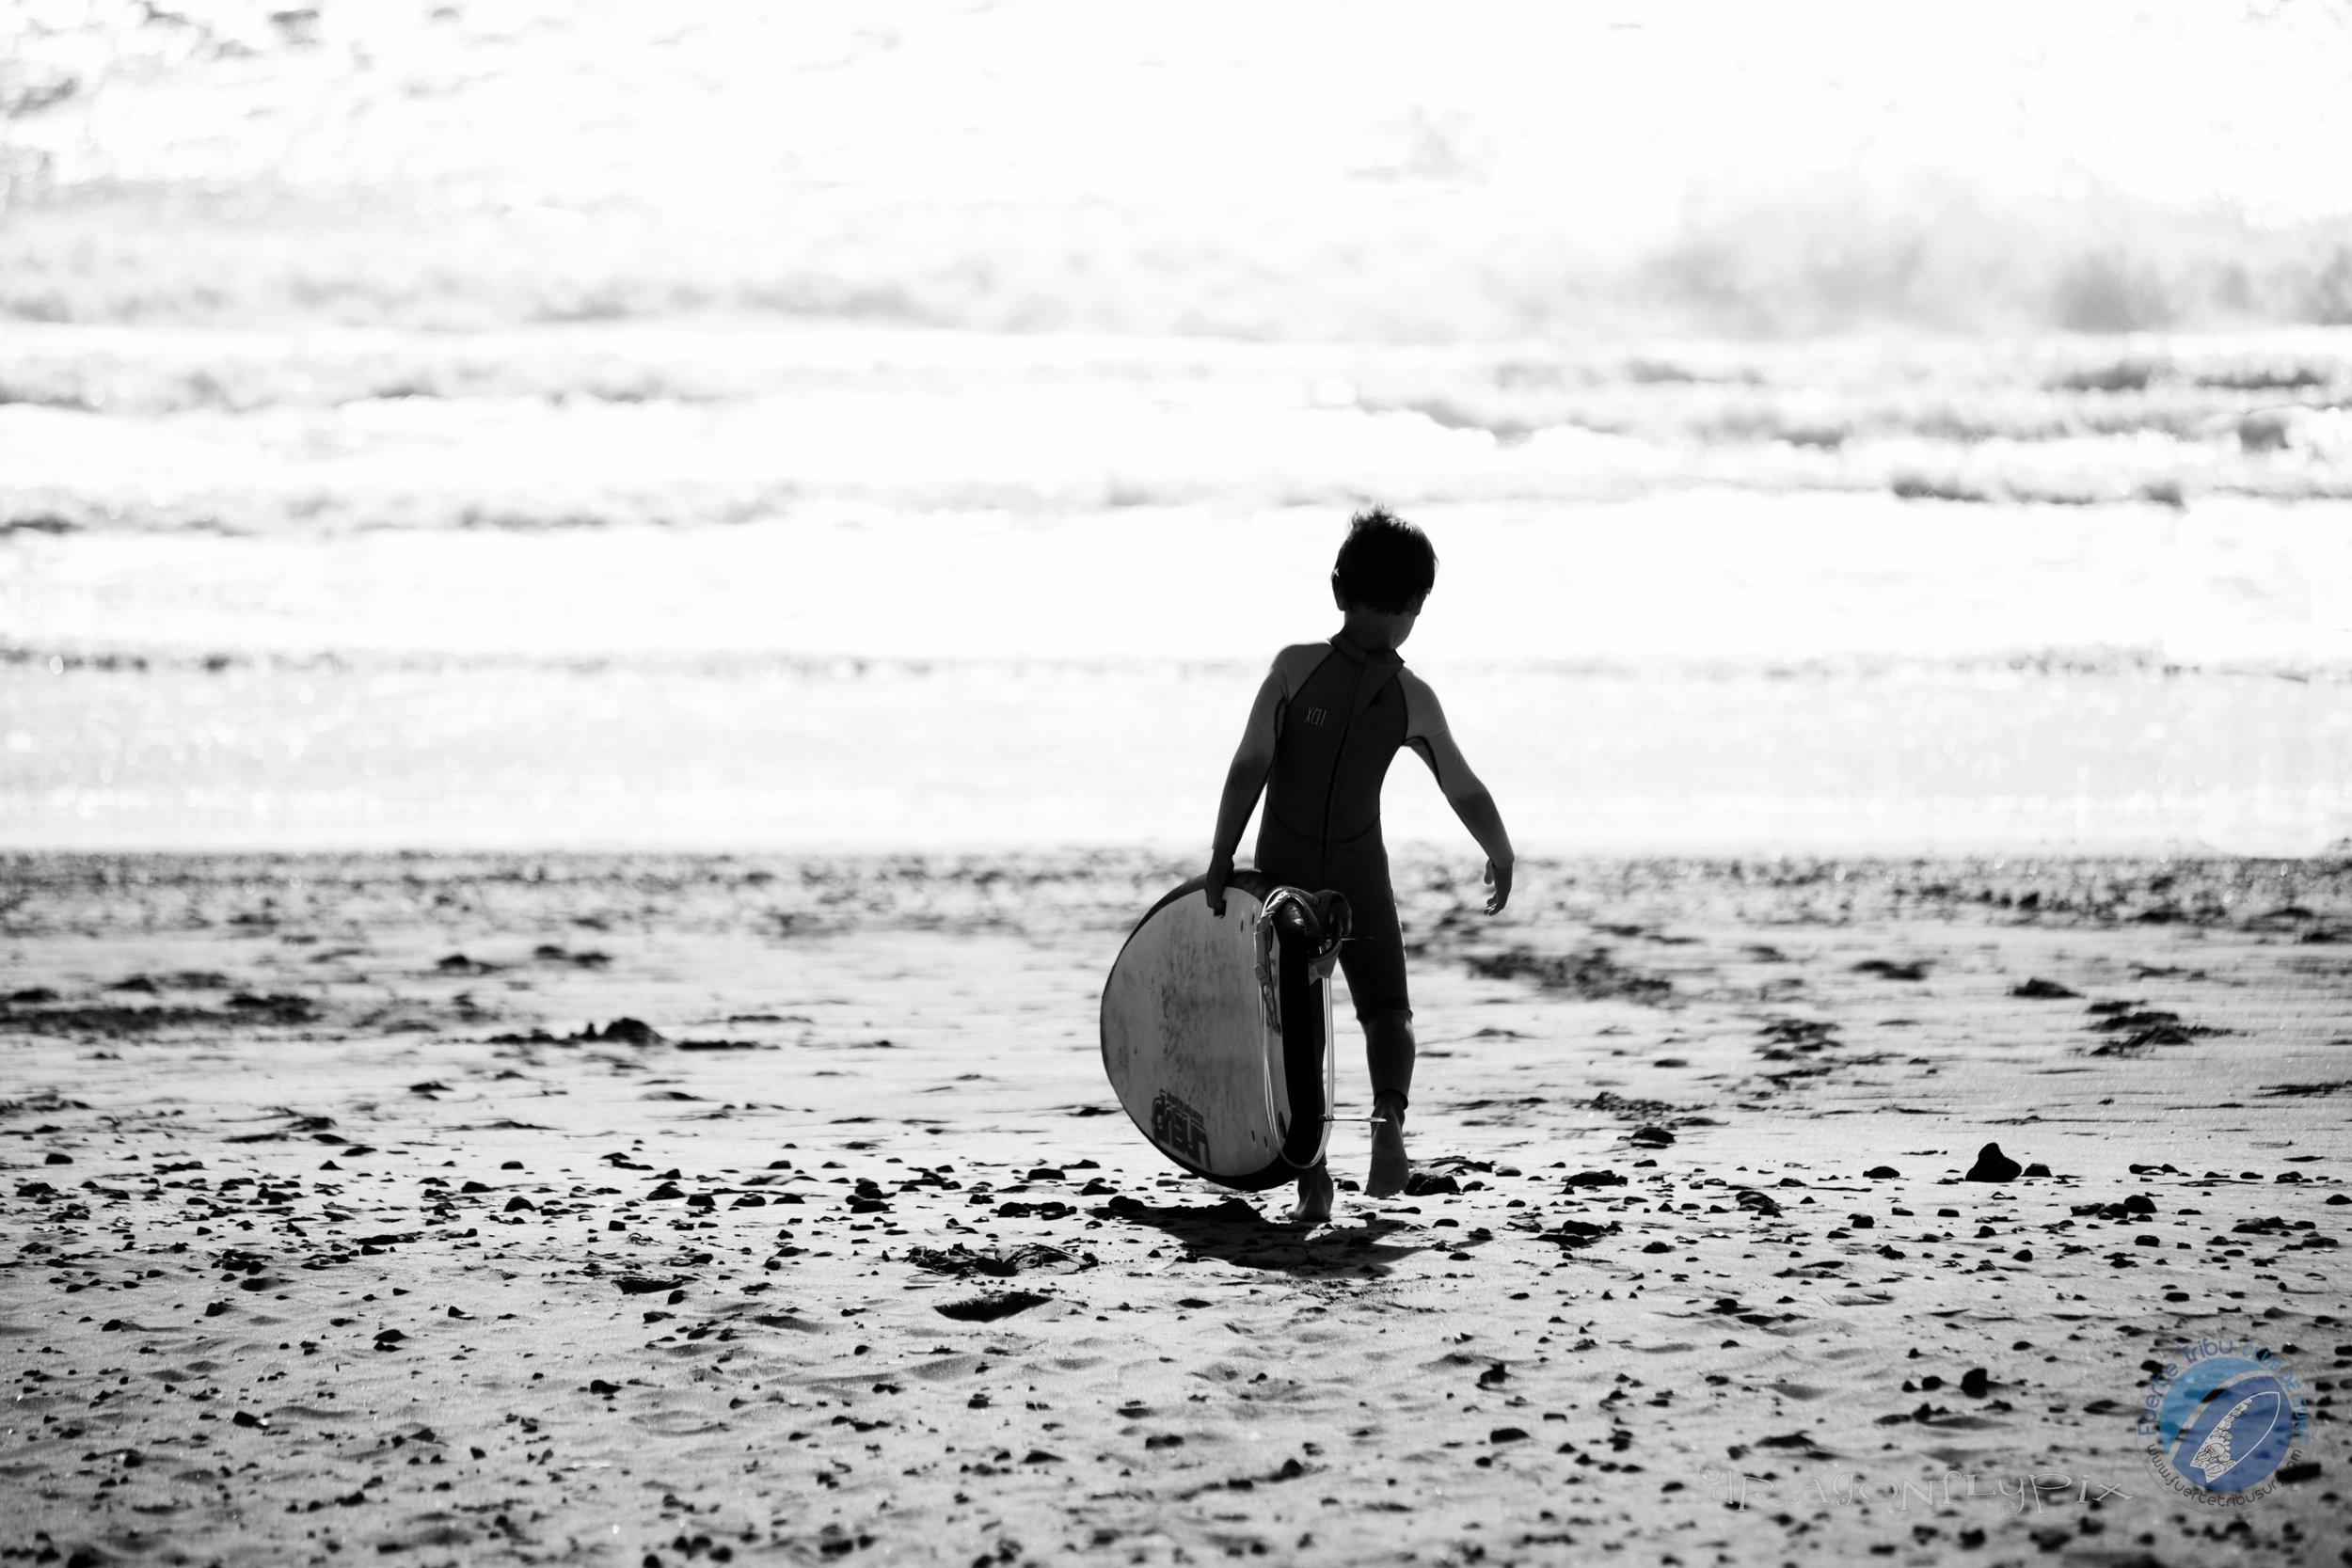 FUERTETRIBU_INTRACLUB_SURF_CAMPEONATO_KIDSIMG_0189.jpg